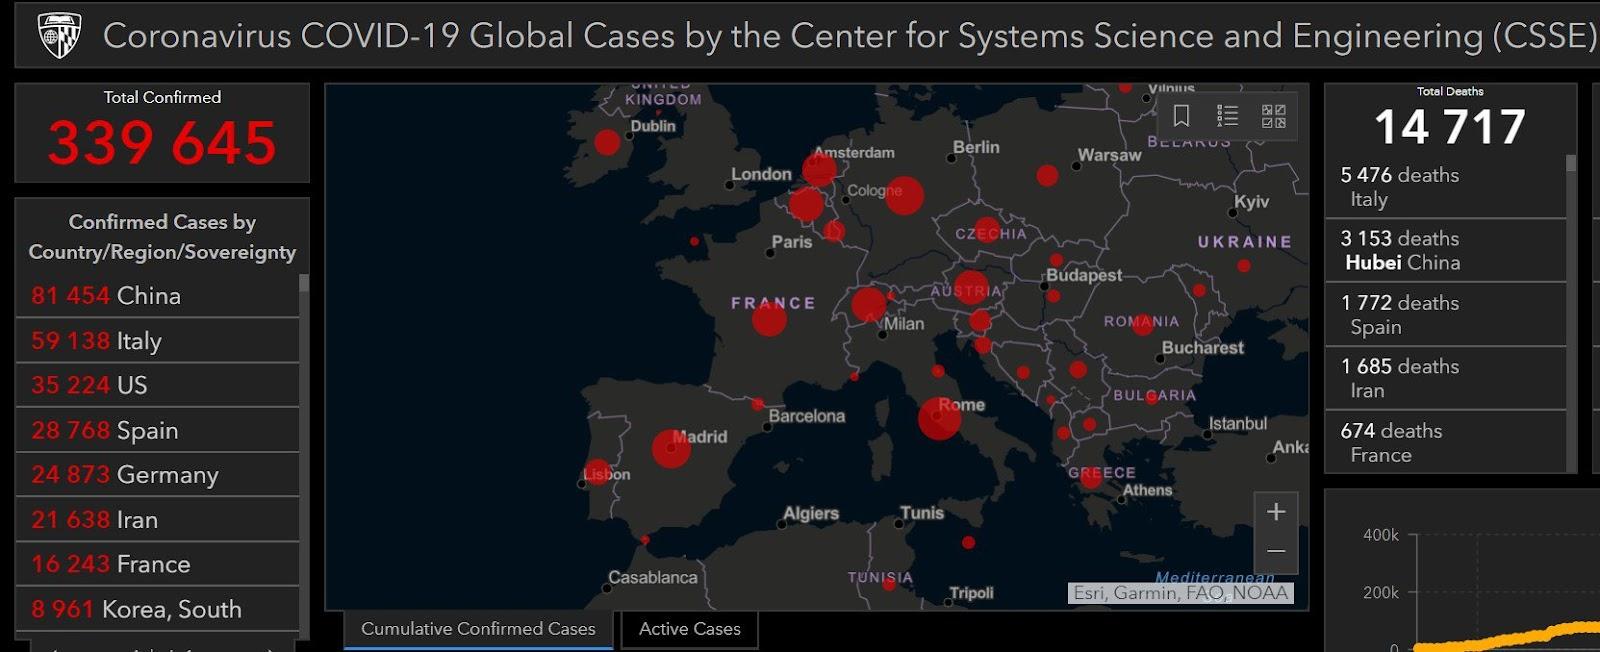 Італія має більше жертв, ніж Китай, де все почалося